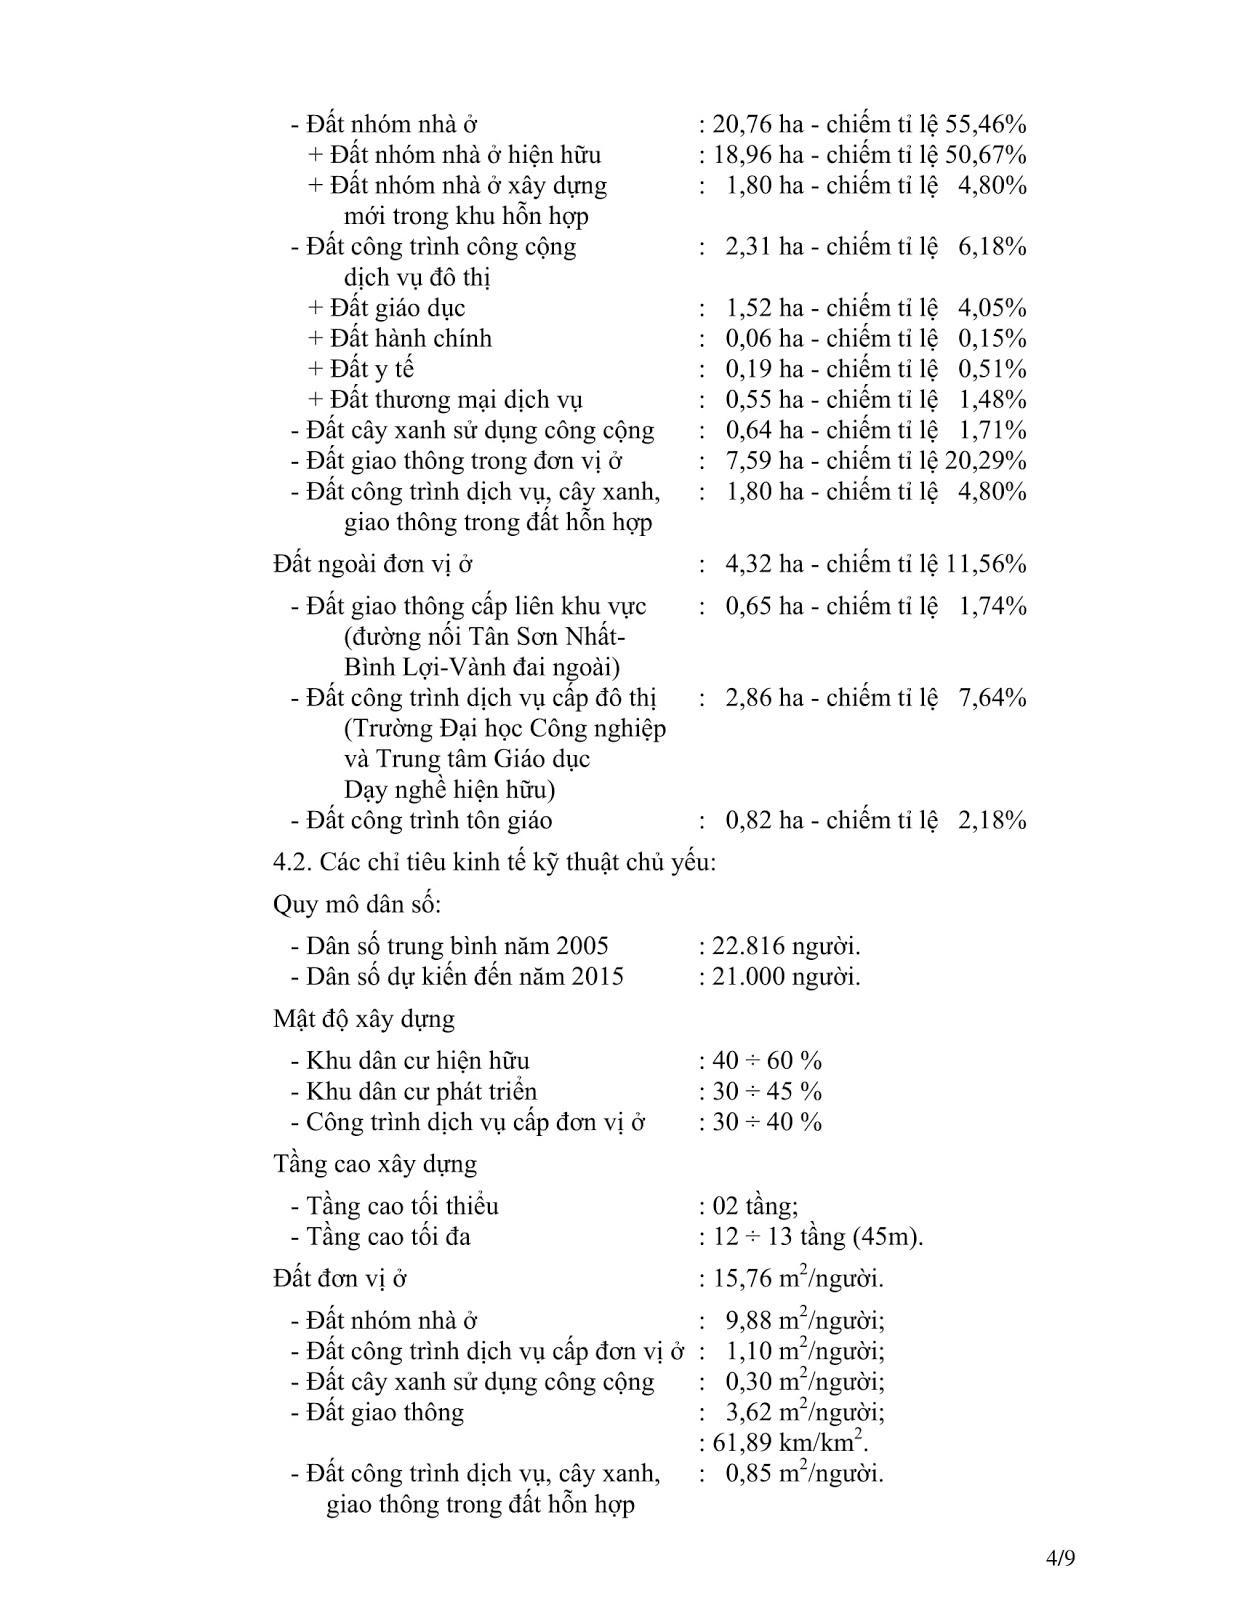 Quyết Định Số 2921/QĐ-UBND Quy Hoạch Khu Dân Cư Phường 4 Quận Gò Vấp Tờ 4